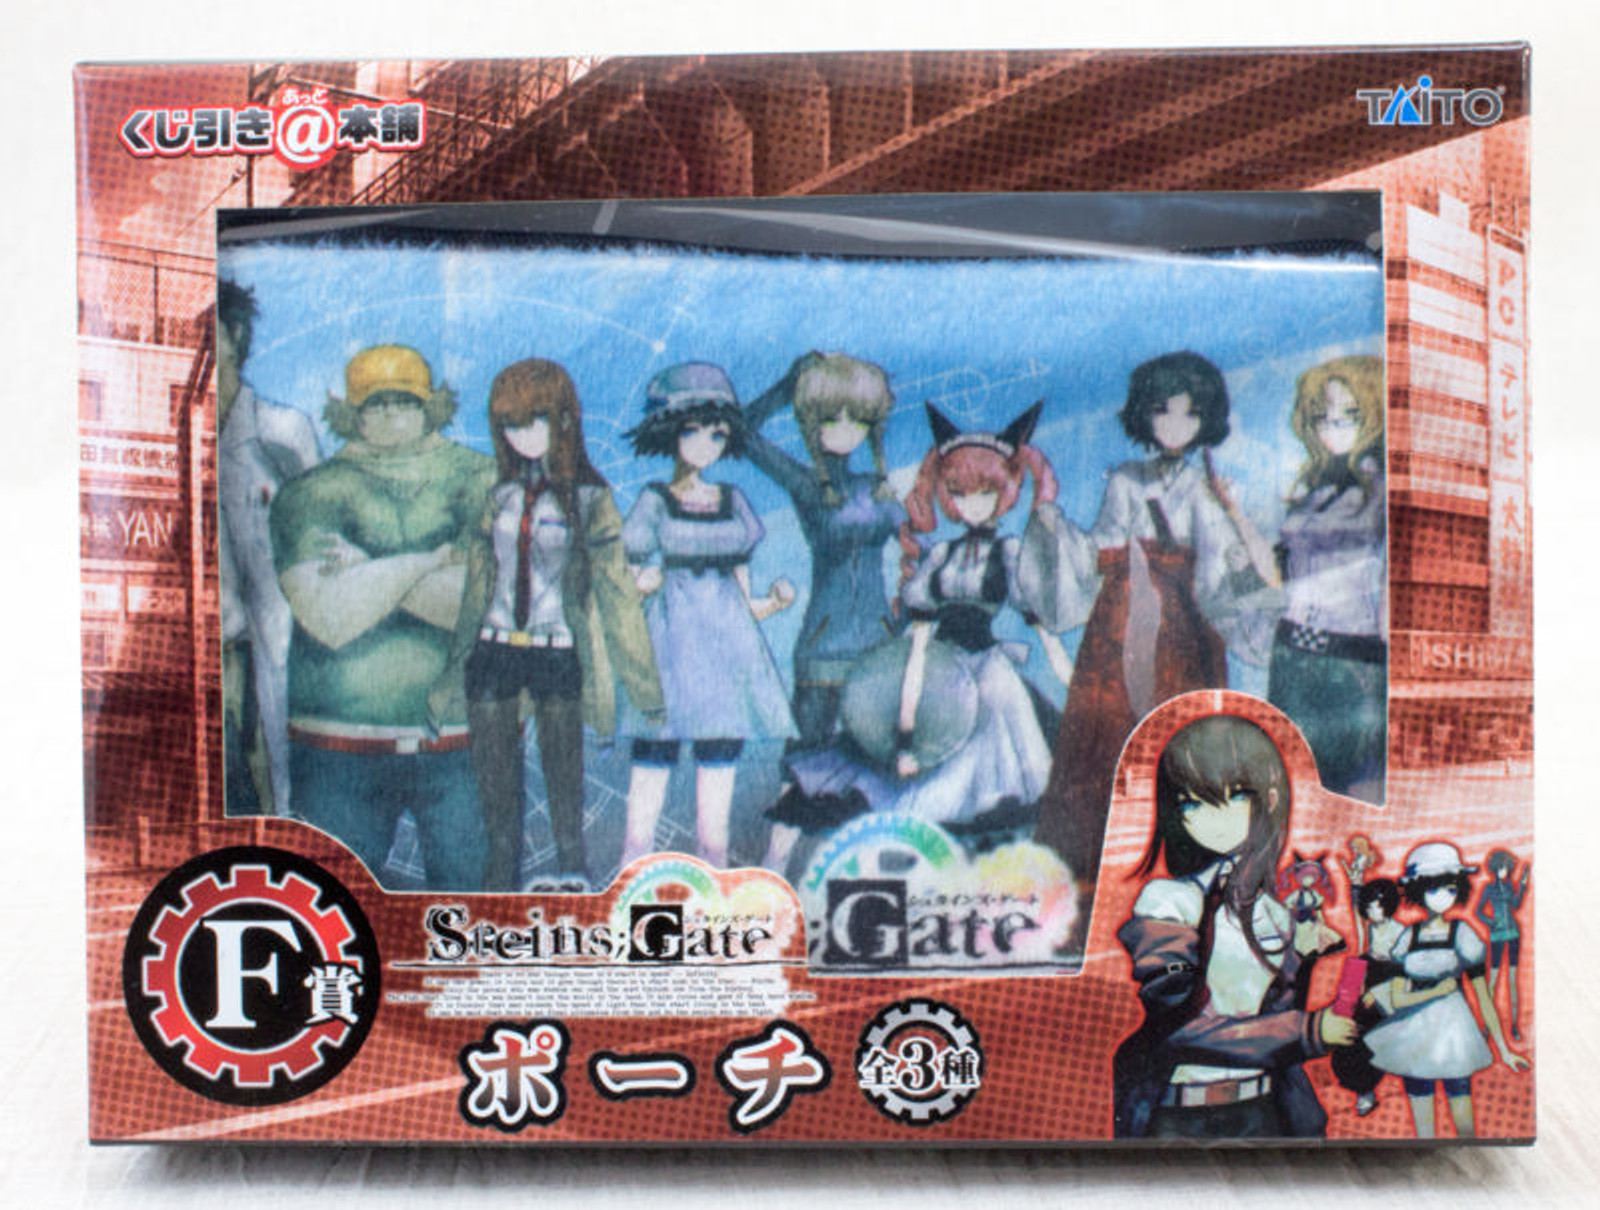 Steins ; Gate Kurisu Mayuri Okarin Pouch mini bag Taito Kuji JAPAN ANIME MANGA